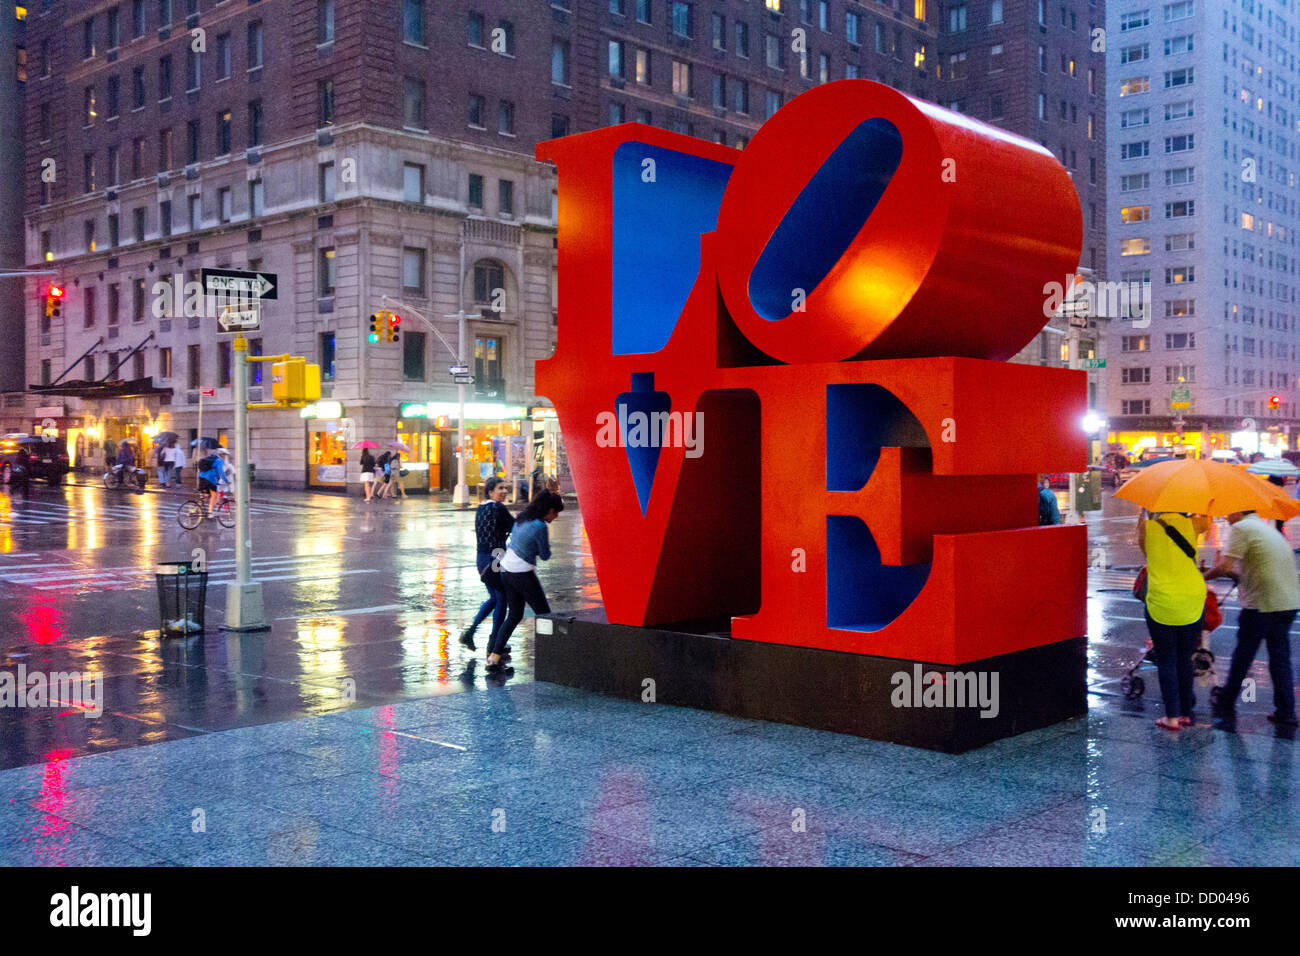 Amor escultura de Robert Indiana em NYC Imagens de Stock